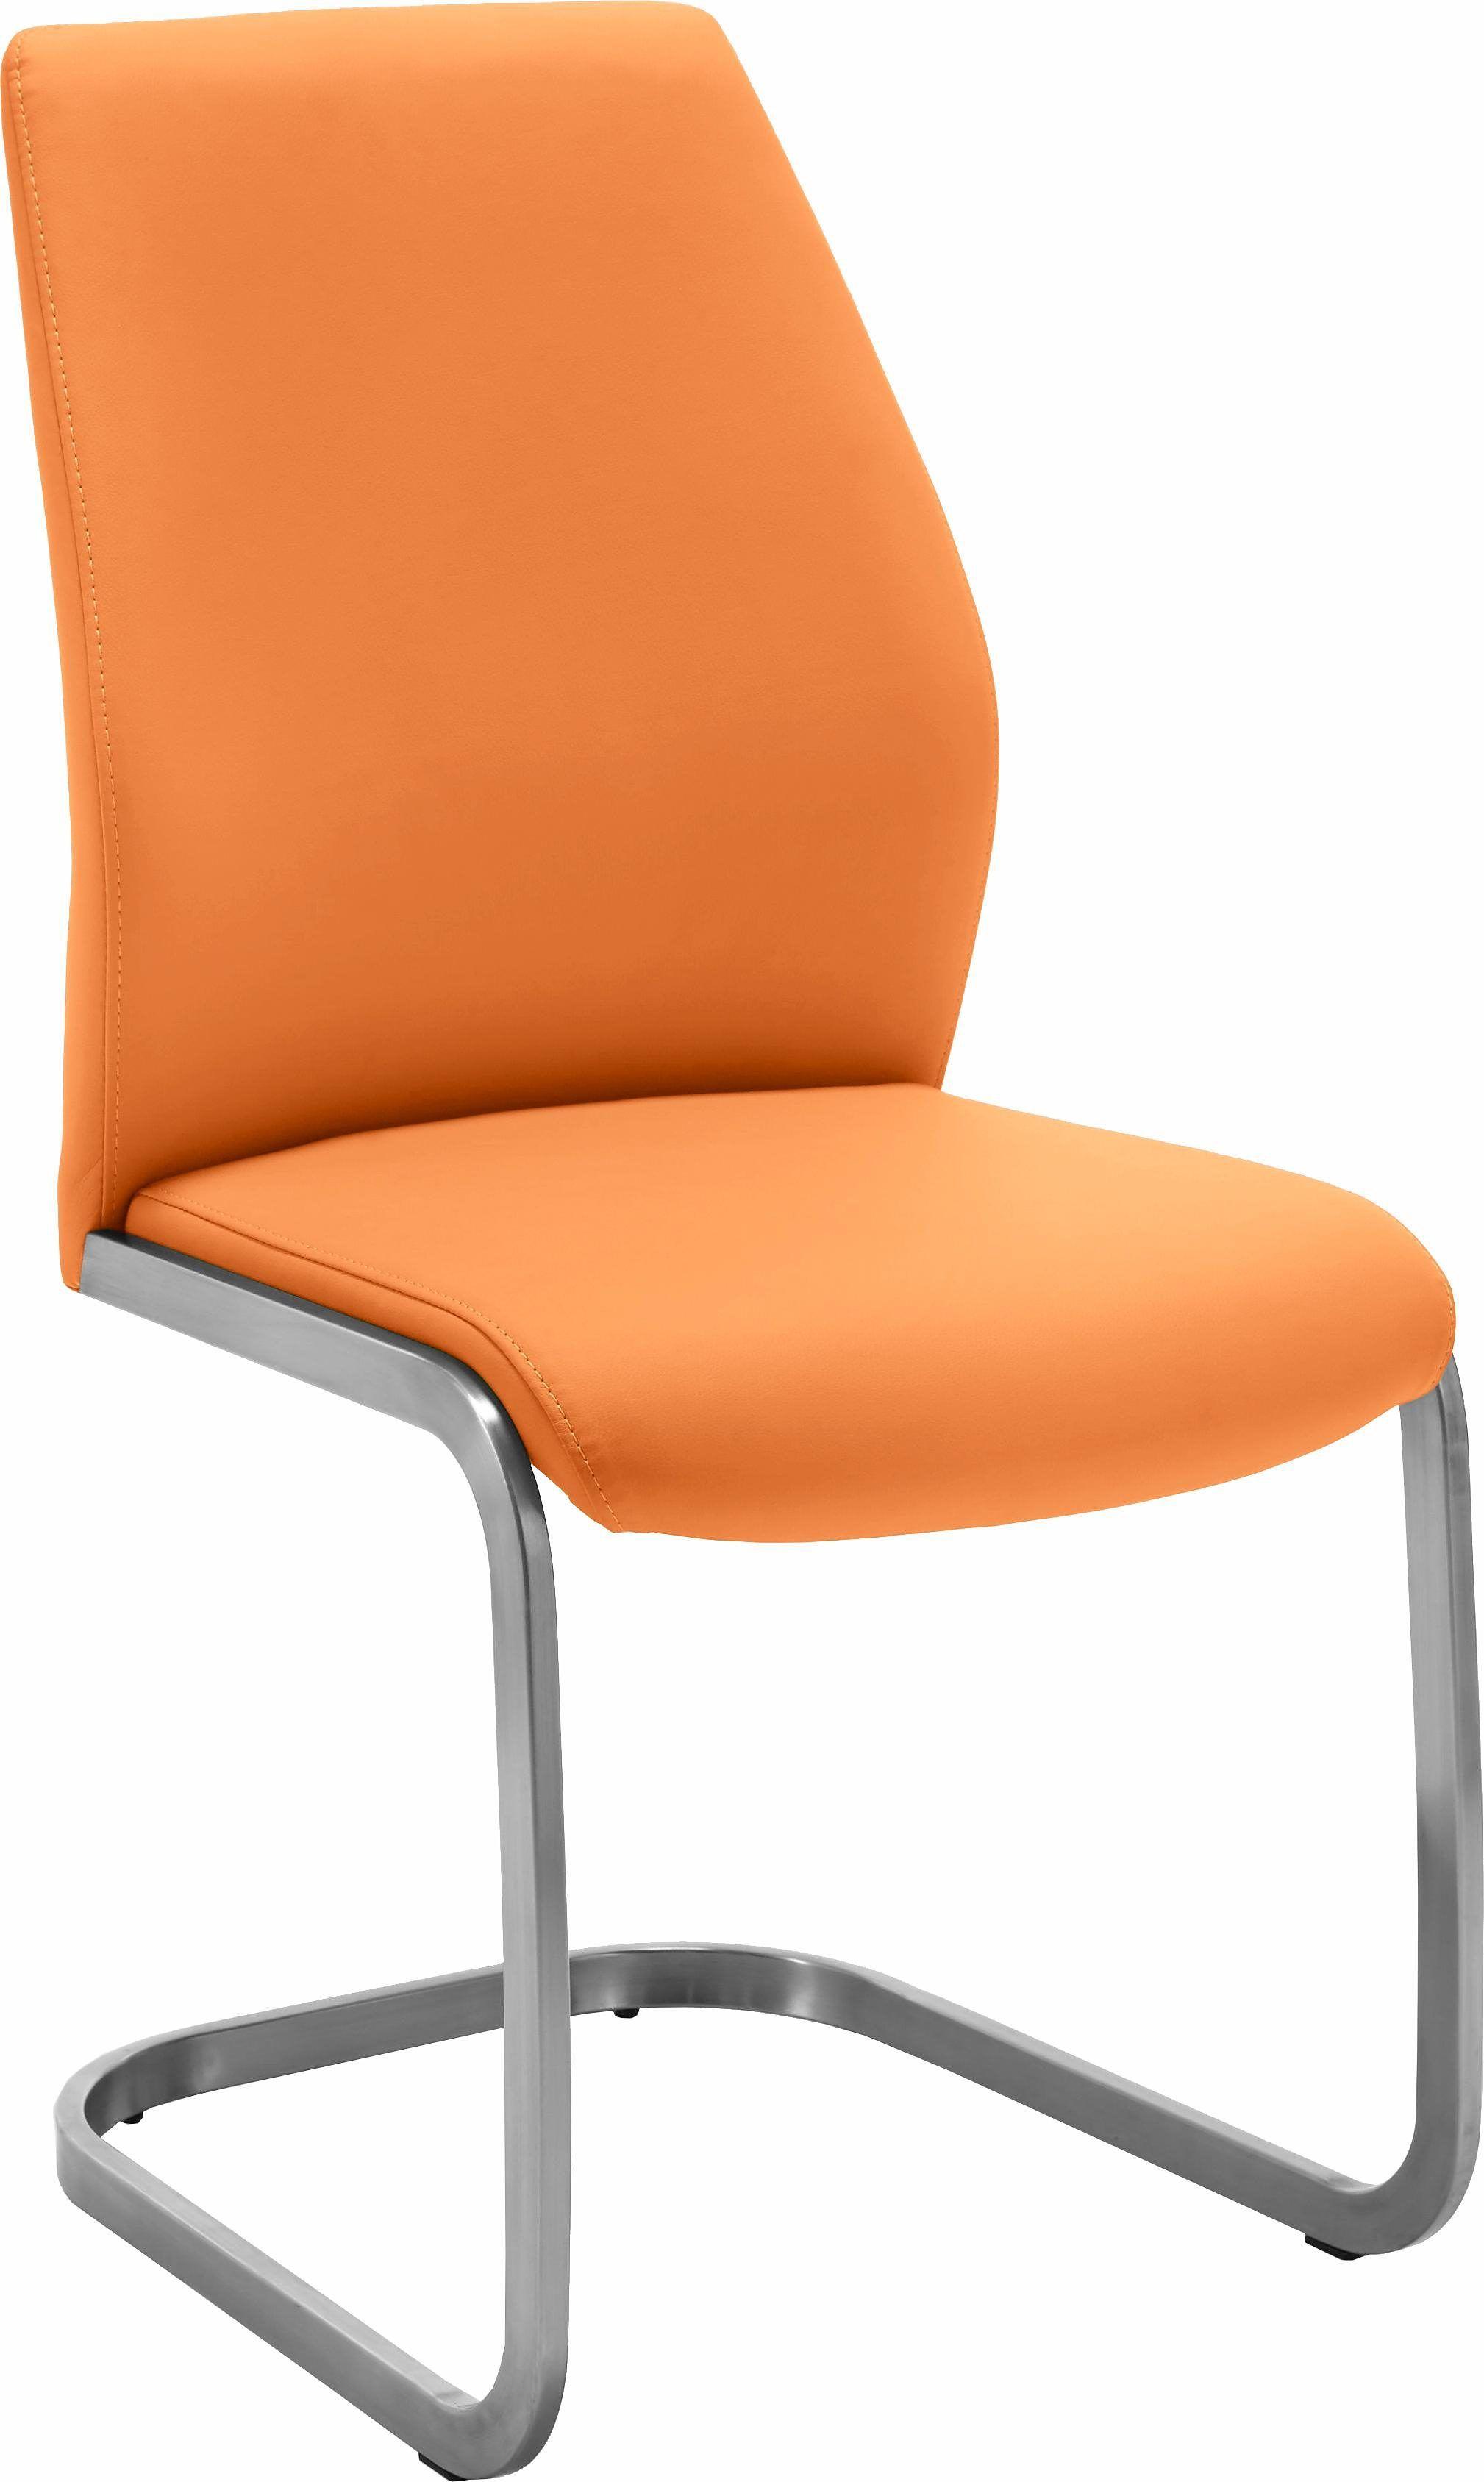 niehoff sitzmbel stuhl orange orange pflegeleichtes kunstleder jetzt bestellen unter httpsmoebelladendirektdekueche und esszimmerstuehle und - Esszimmer Orange